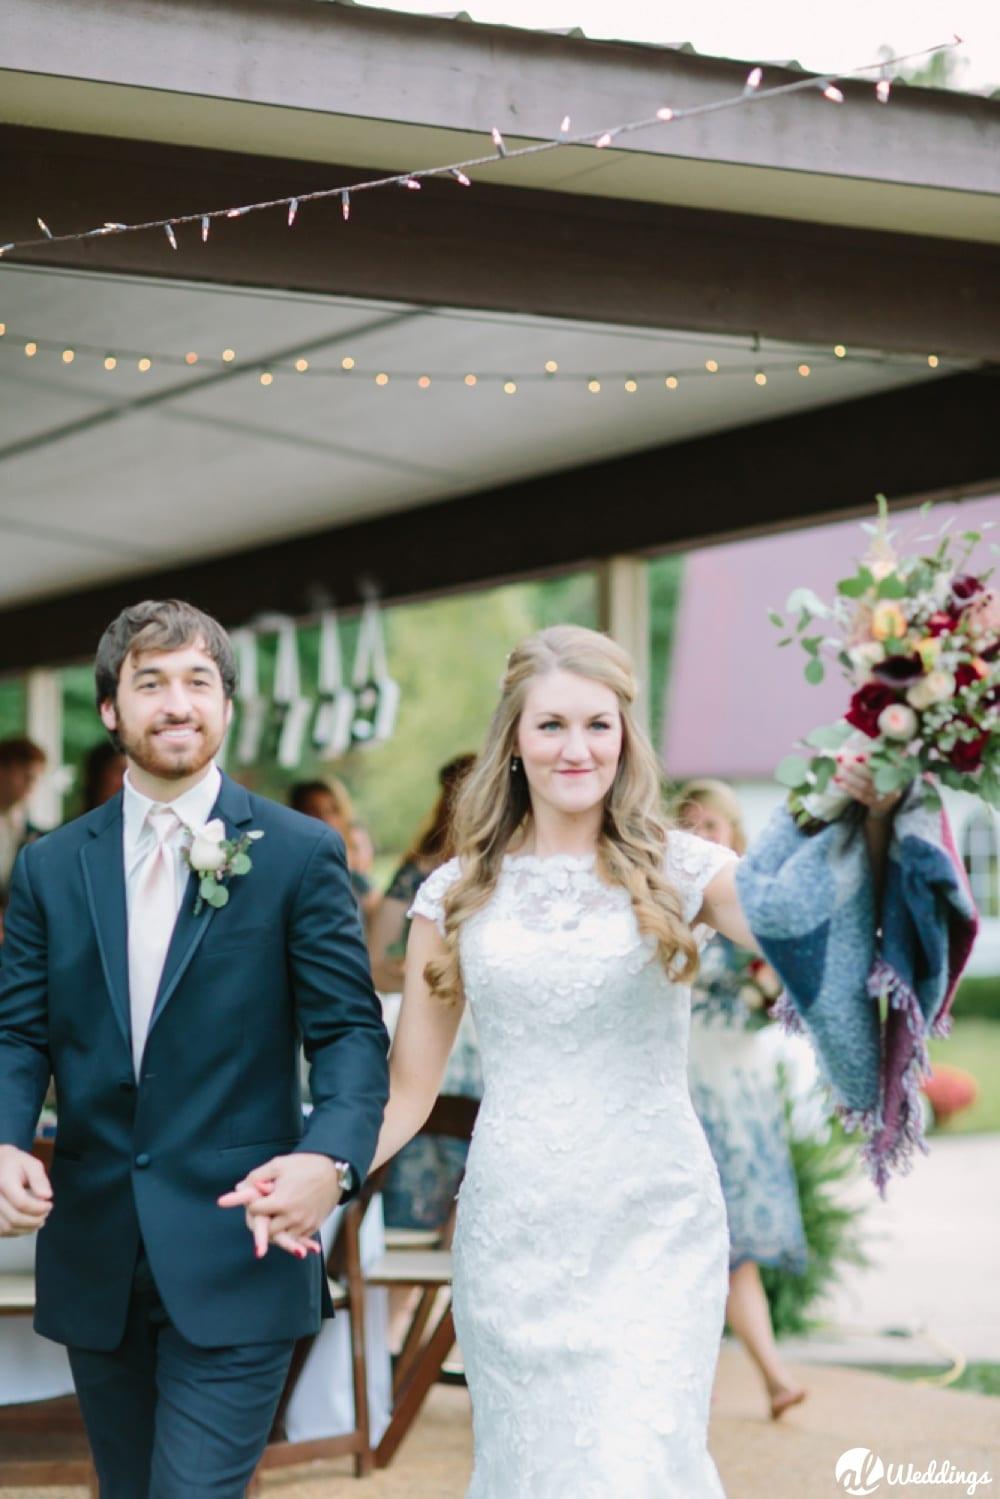 Meg + Dean | Back Yard Wedding | huntsville, Alabama Photographer-177